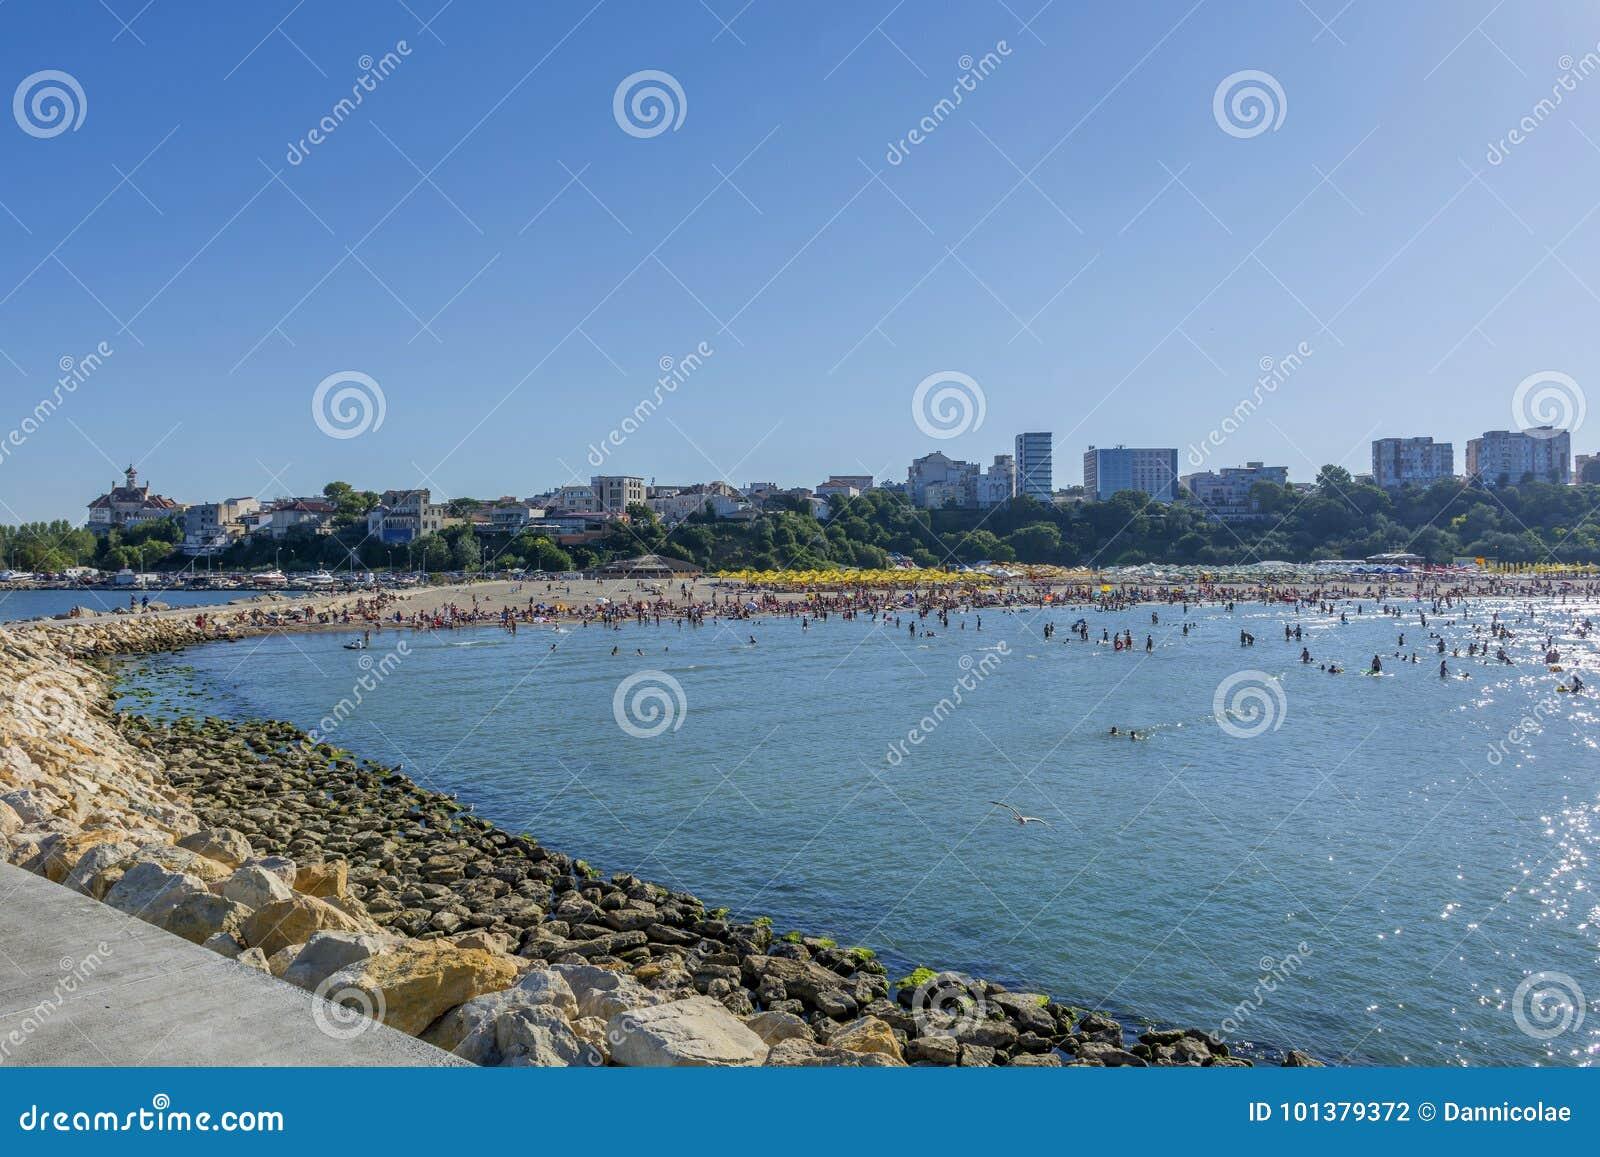 Povos na praia, no banho de sol e na natação, apreciando em férias